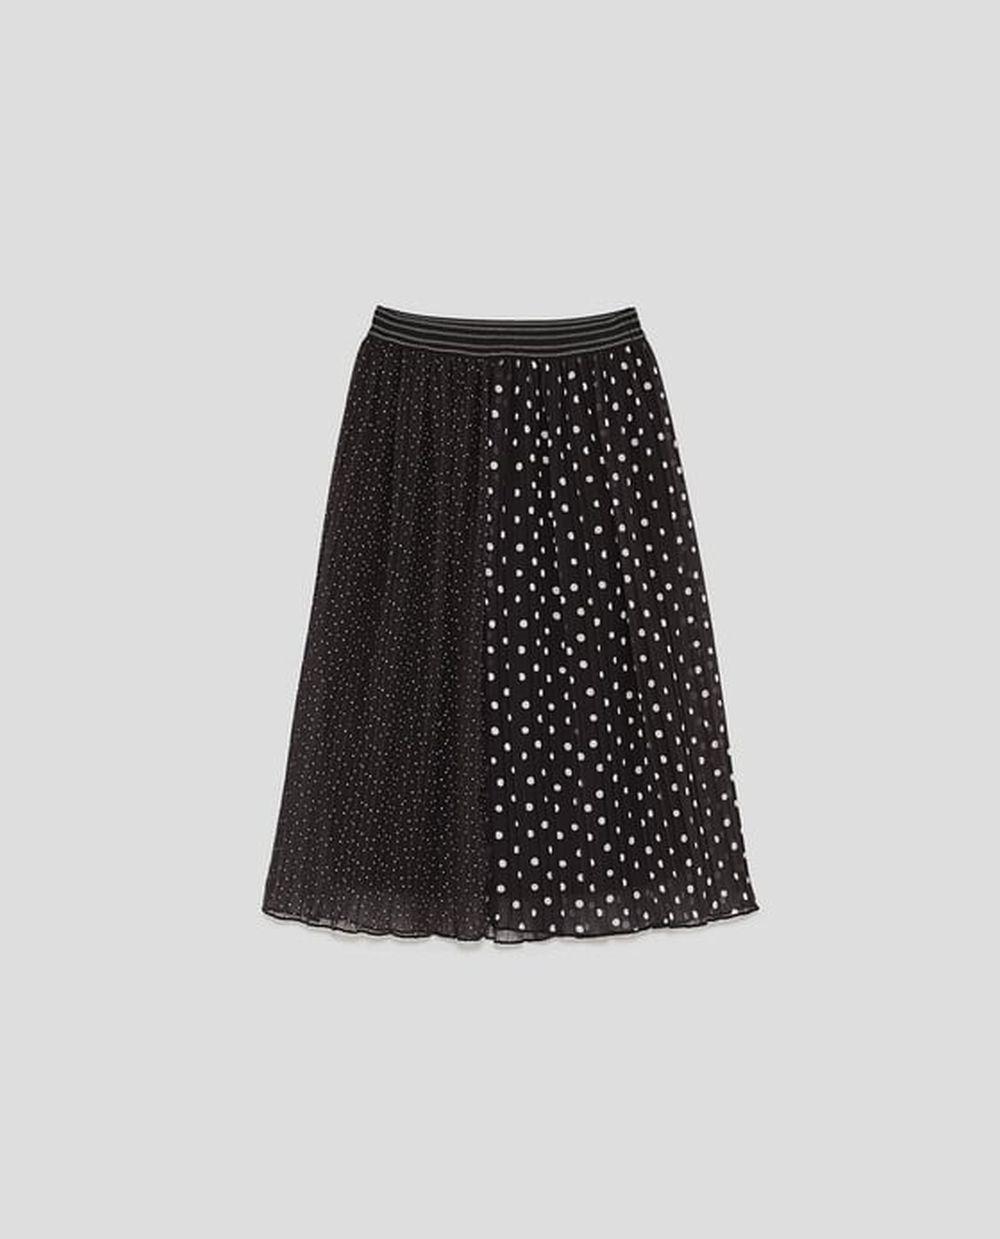 Falda plisada de lunares de Zara (25,95 euros)